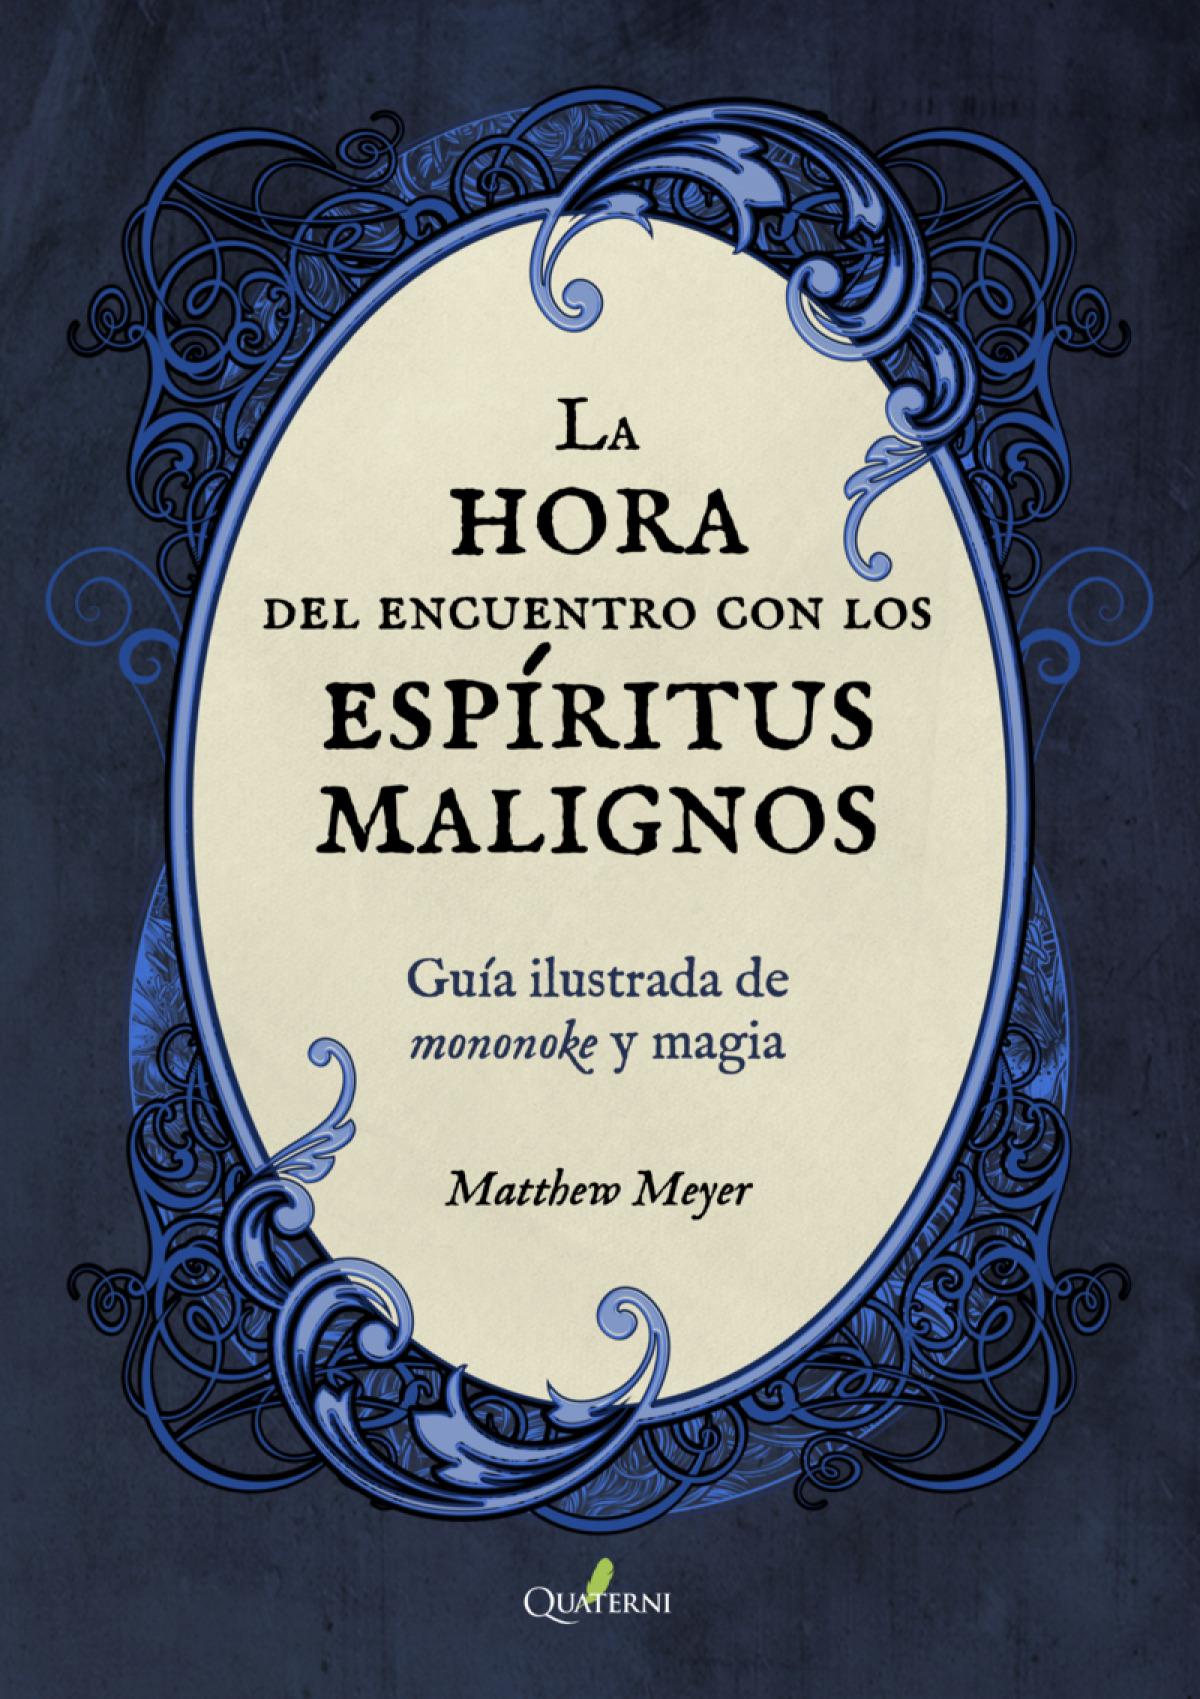 LA HORA DEL ENCUENTRO CON LOS ESPIRITUS MALIGNOS. Guía ilustrada de mononoke y magia